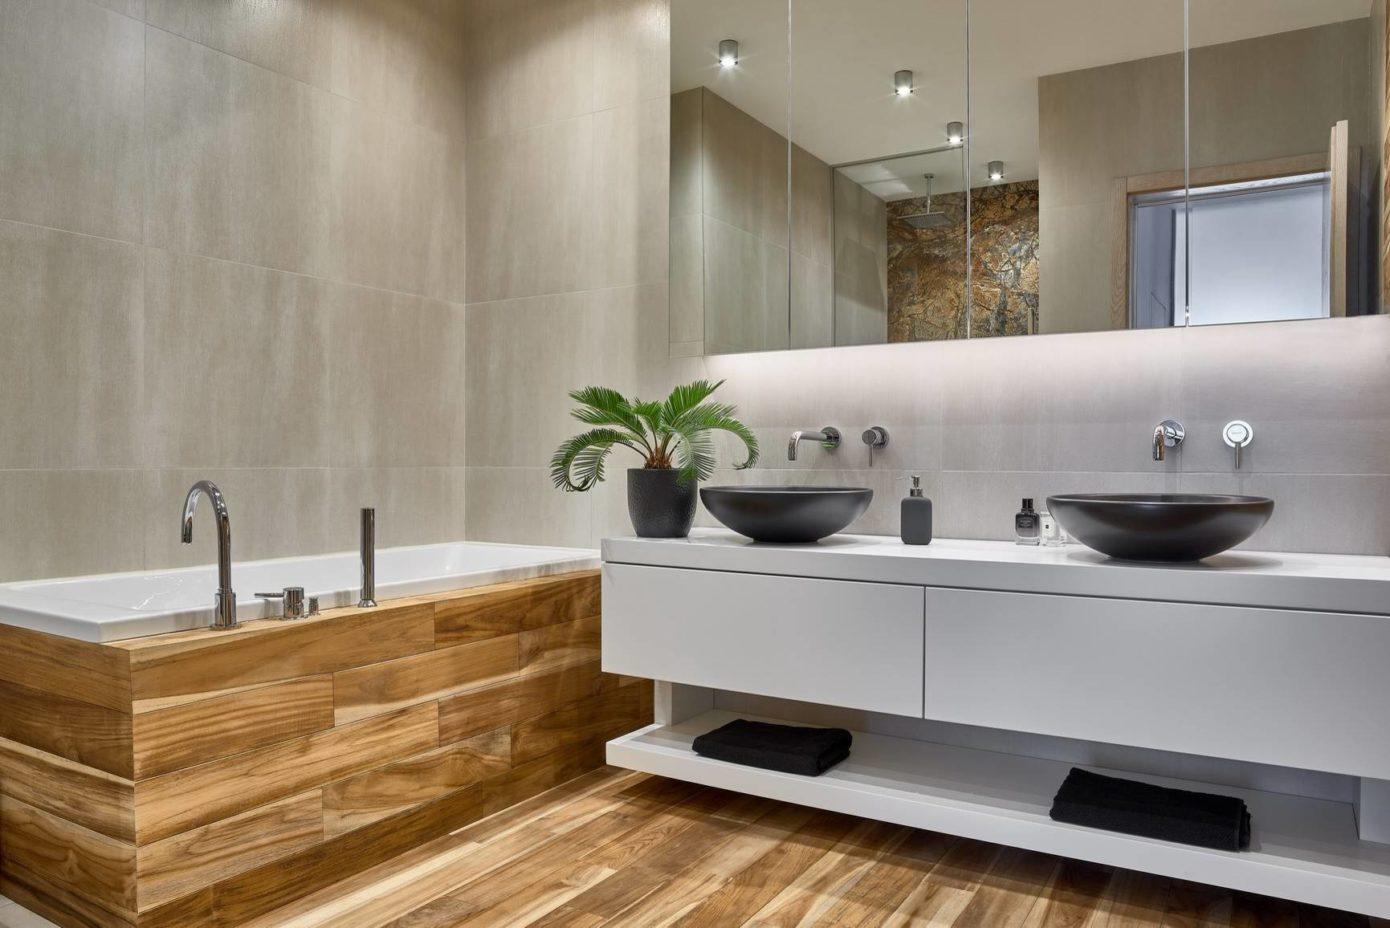 Плитка для ванной комнаты фото 2018 современные идеи